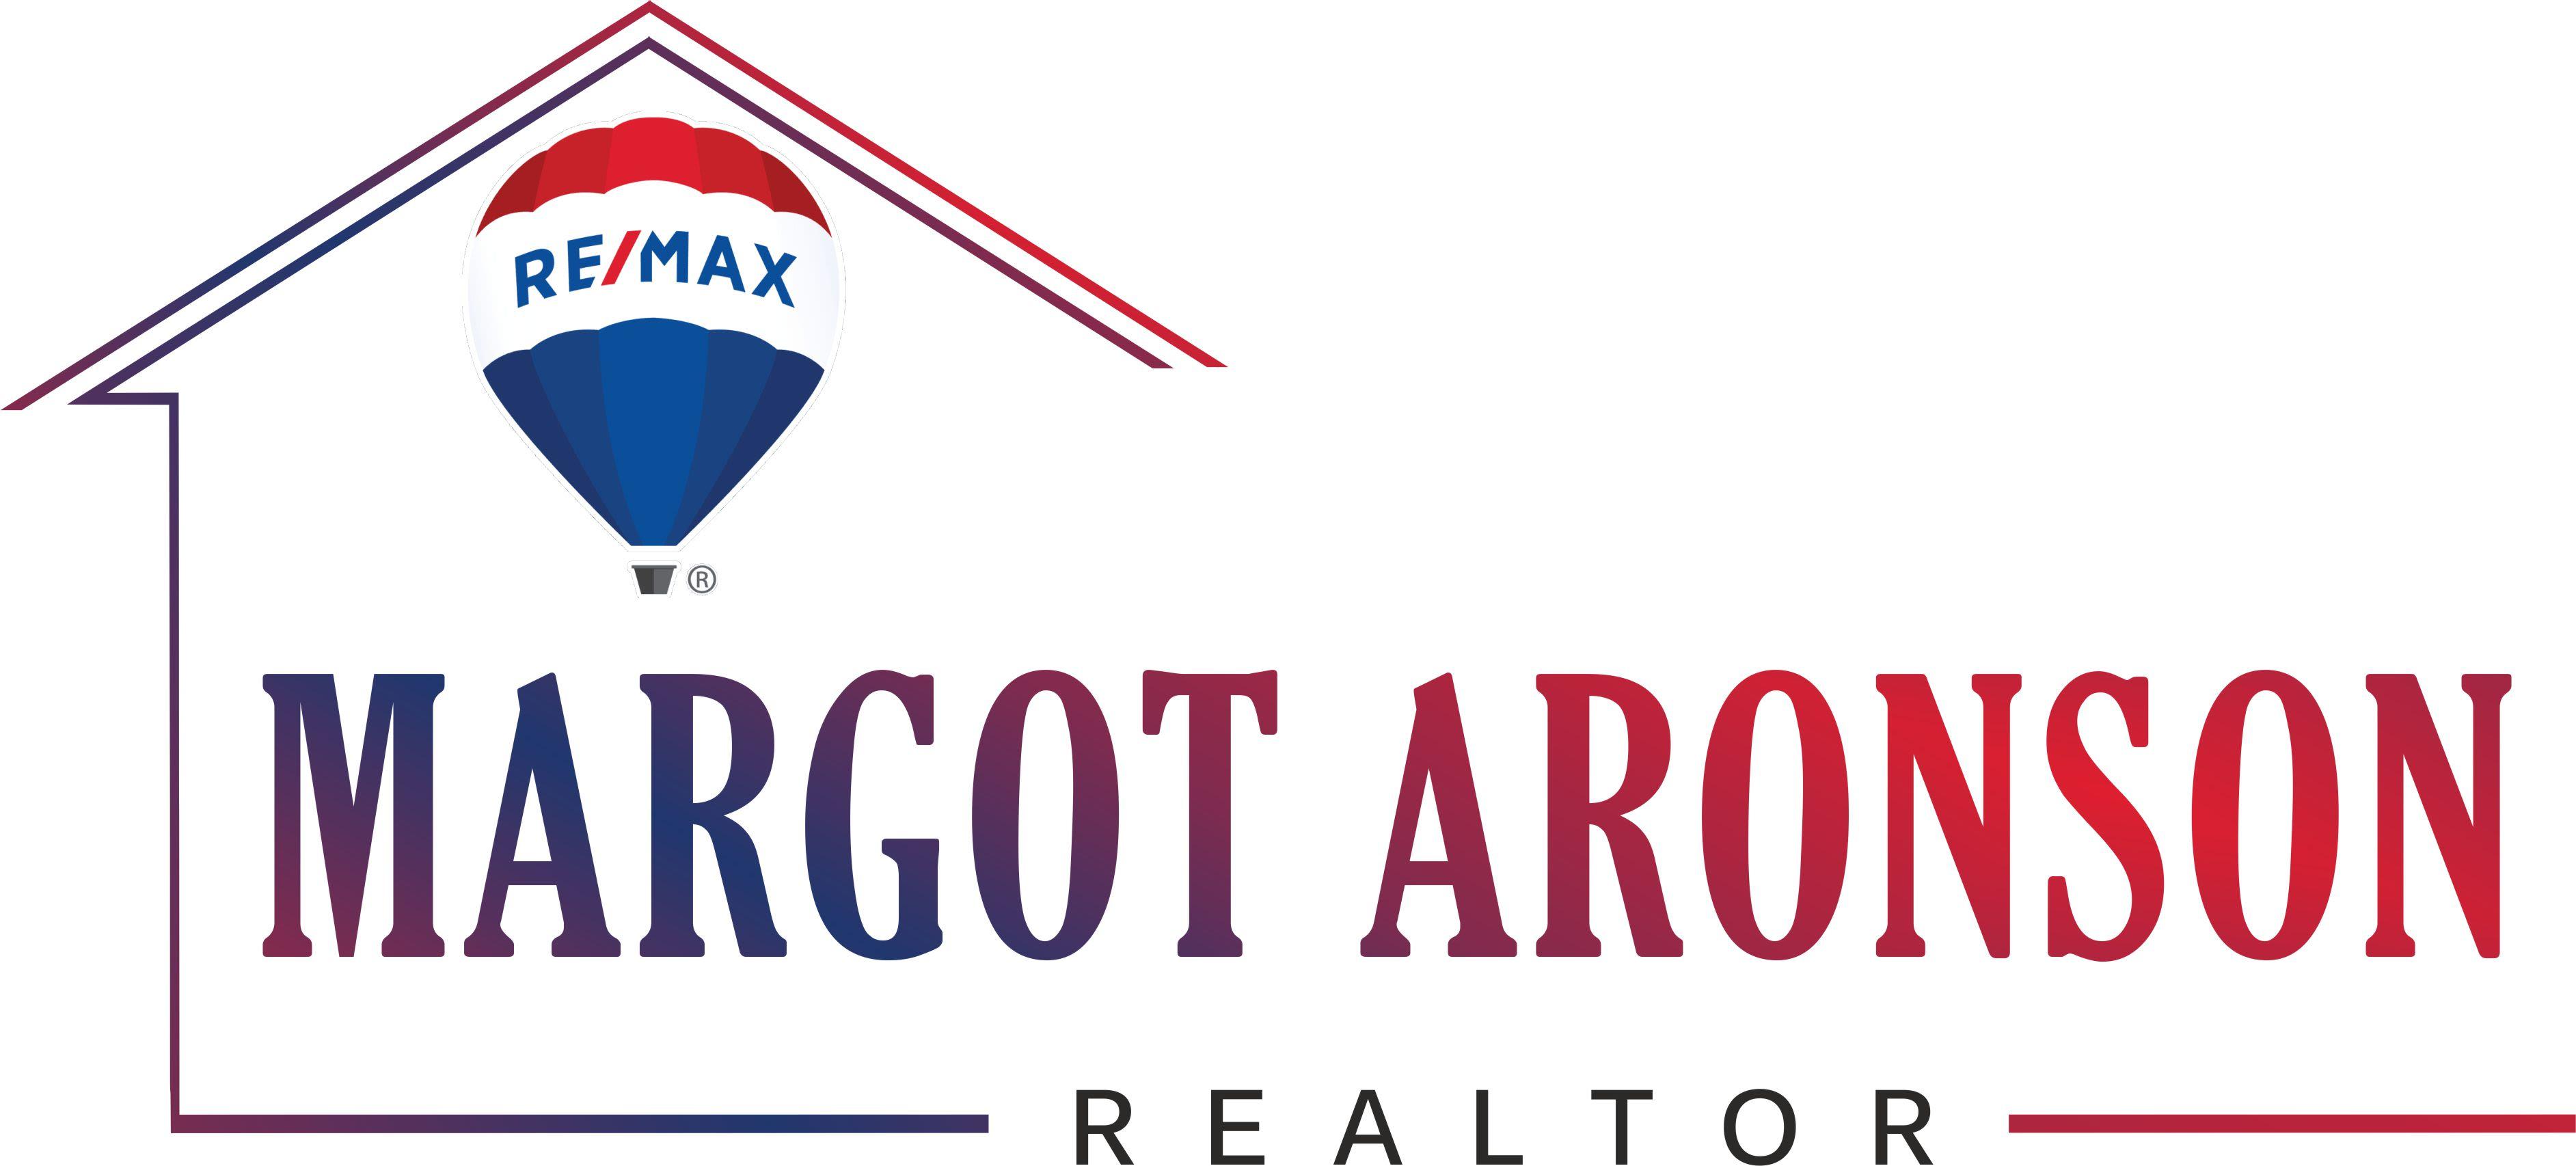 Margot Aronson, Realtor